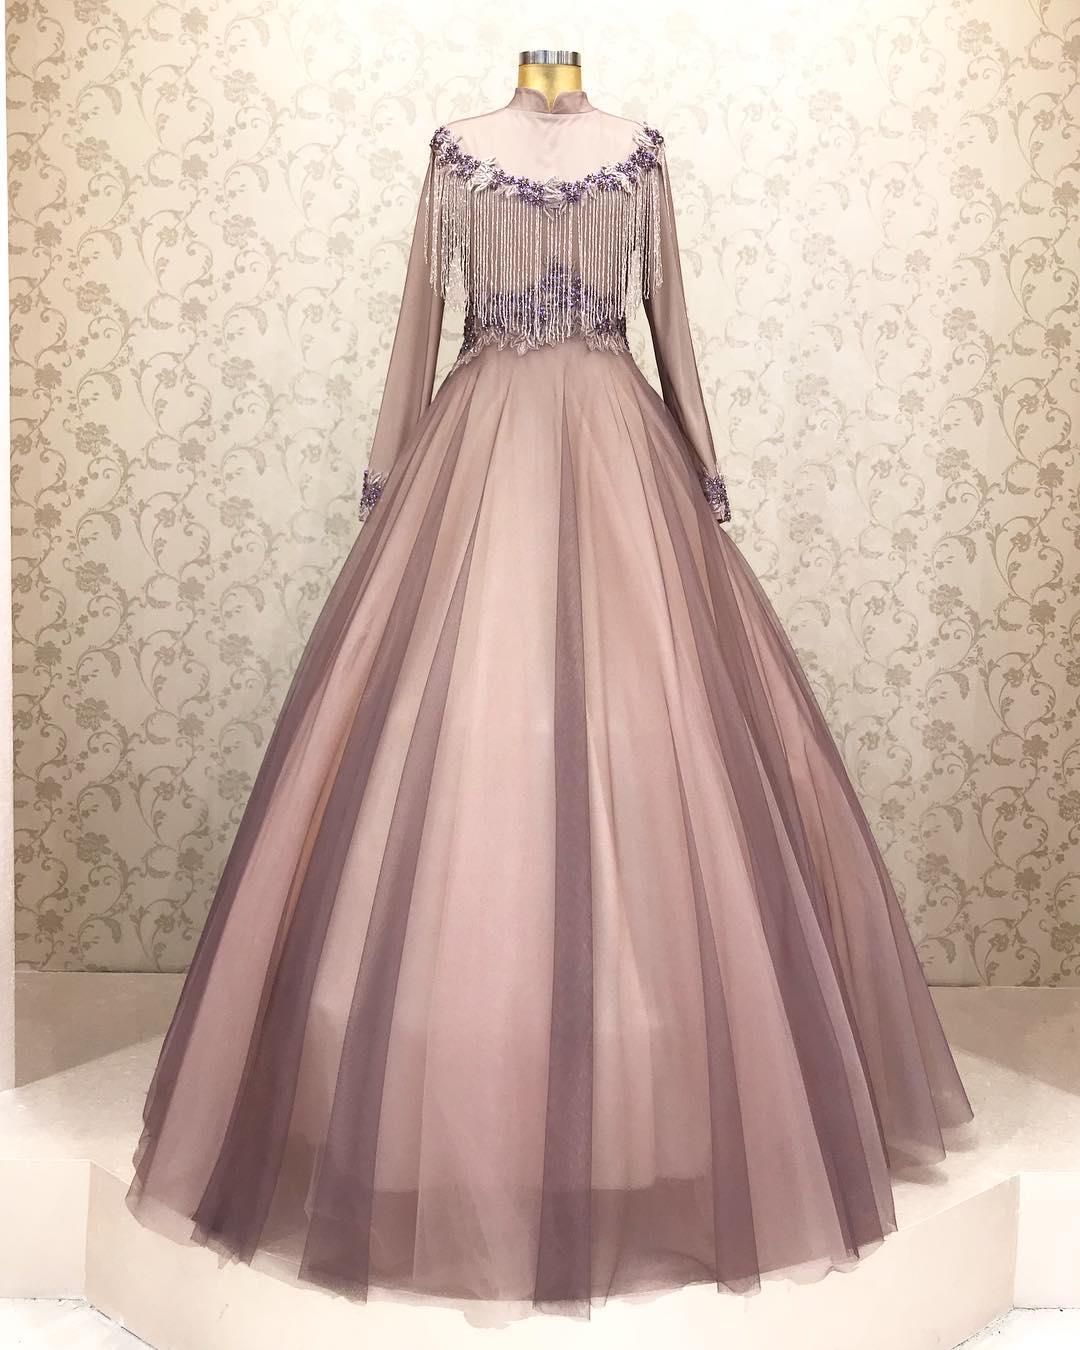 2018 Tesettür Abiye Elbise Modelleri 3 - 2018 En Şık Tesettürlü Abiye Elbise Modelleri